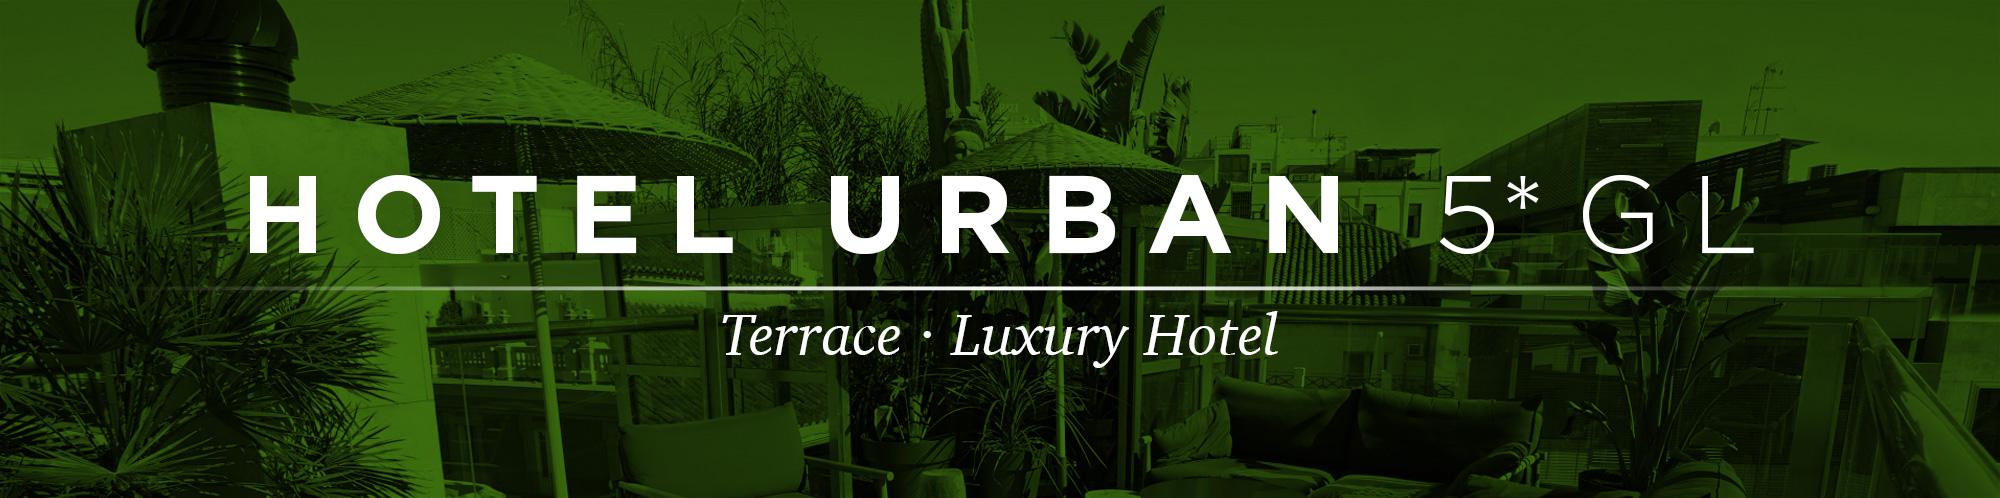 urban-header.jpg